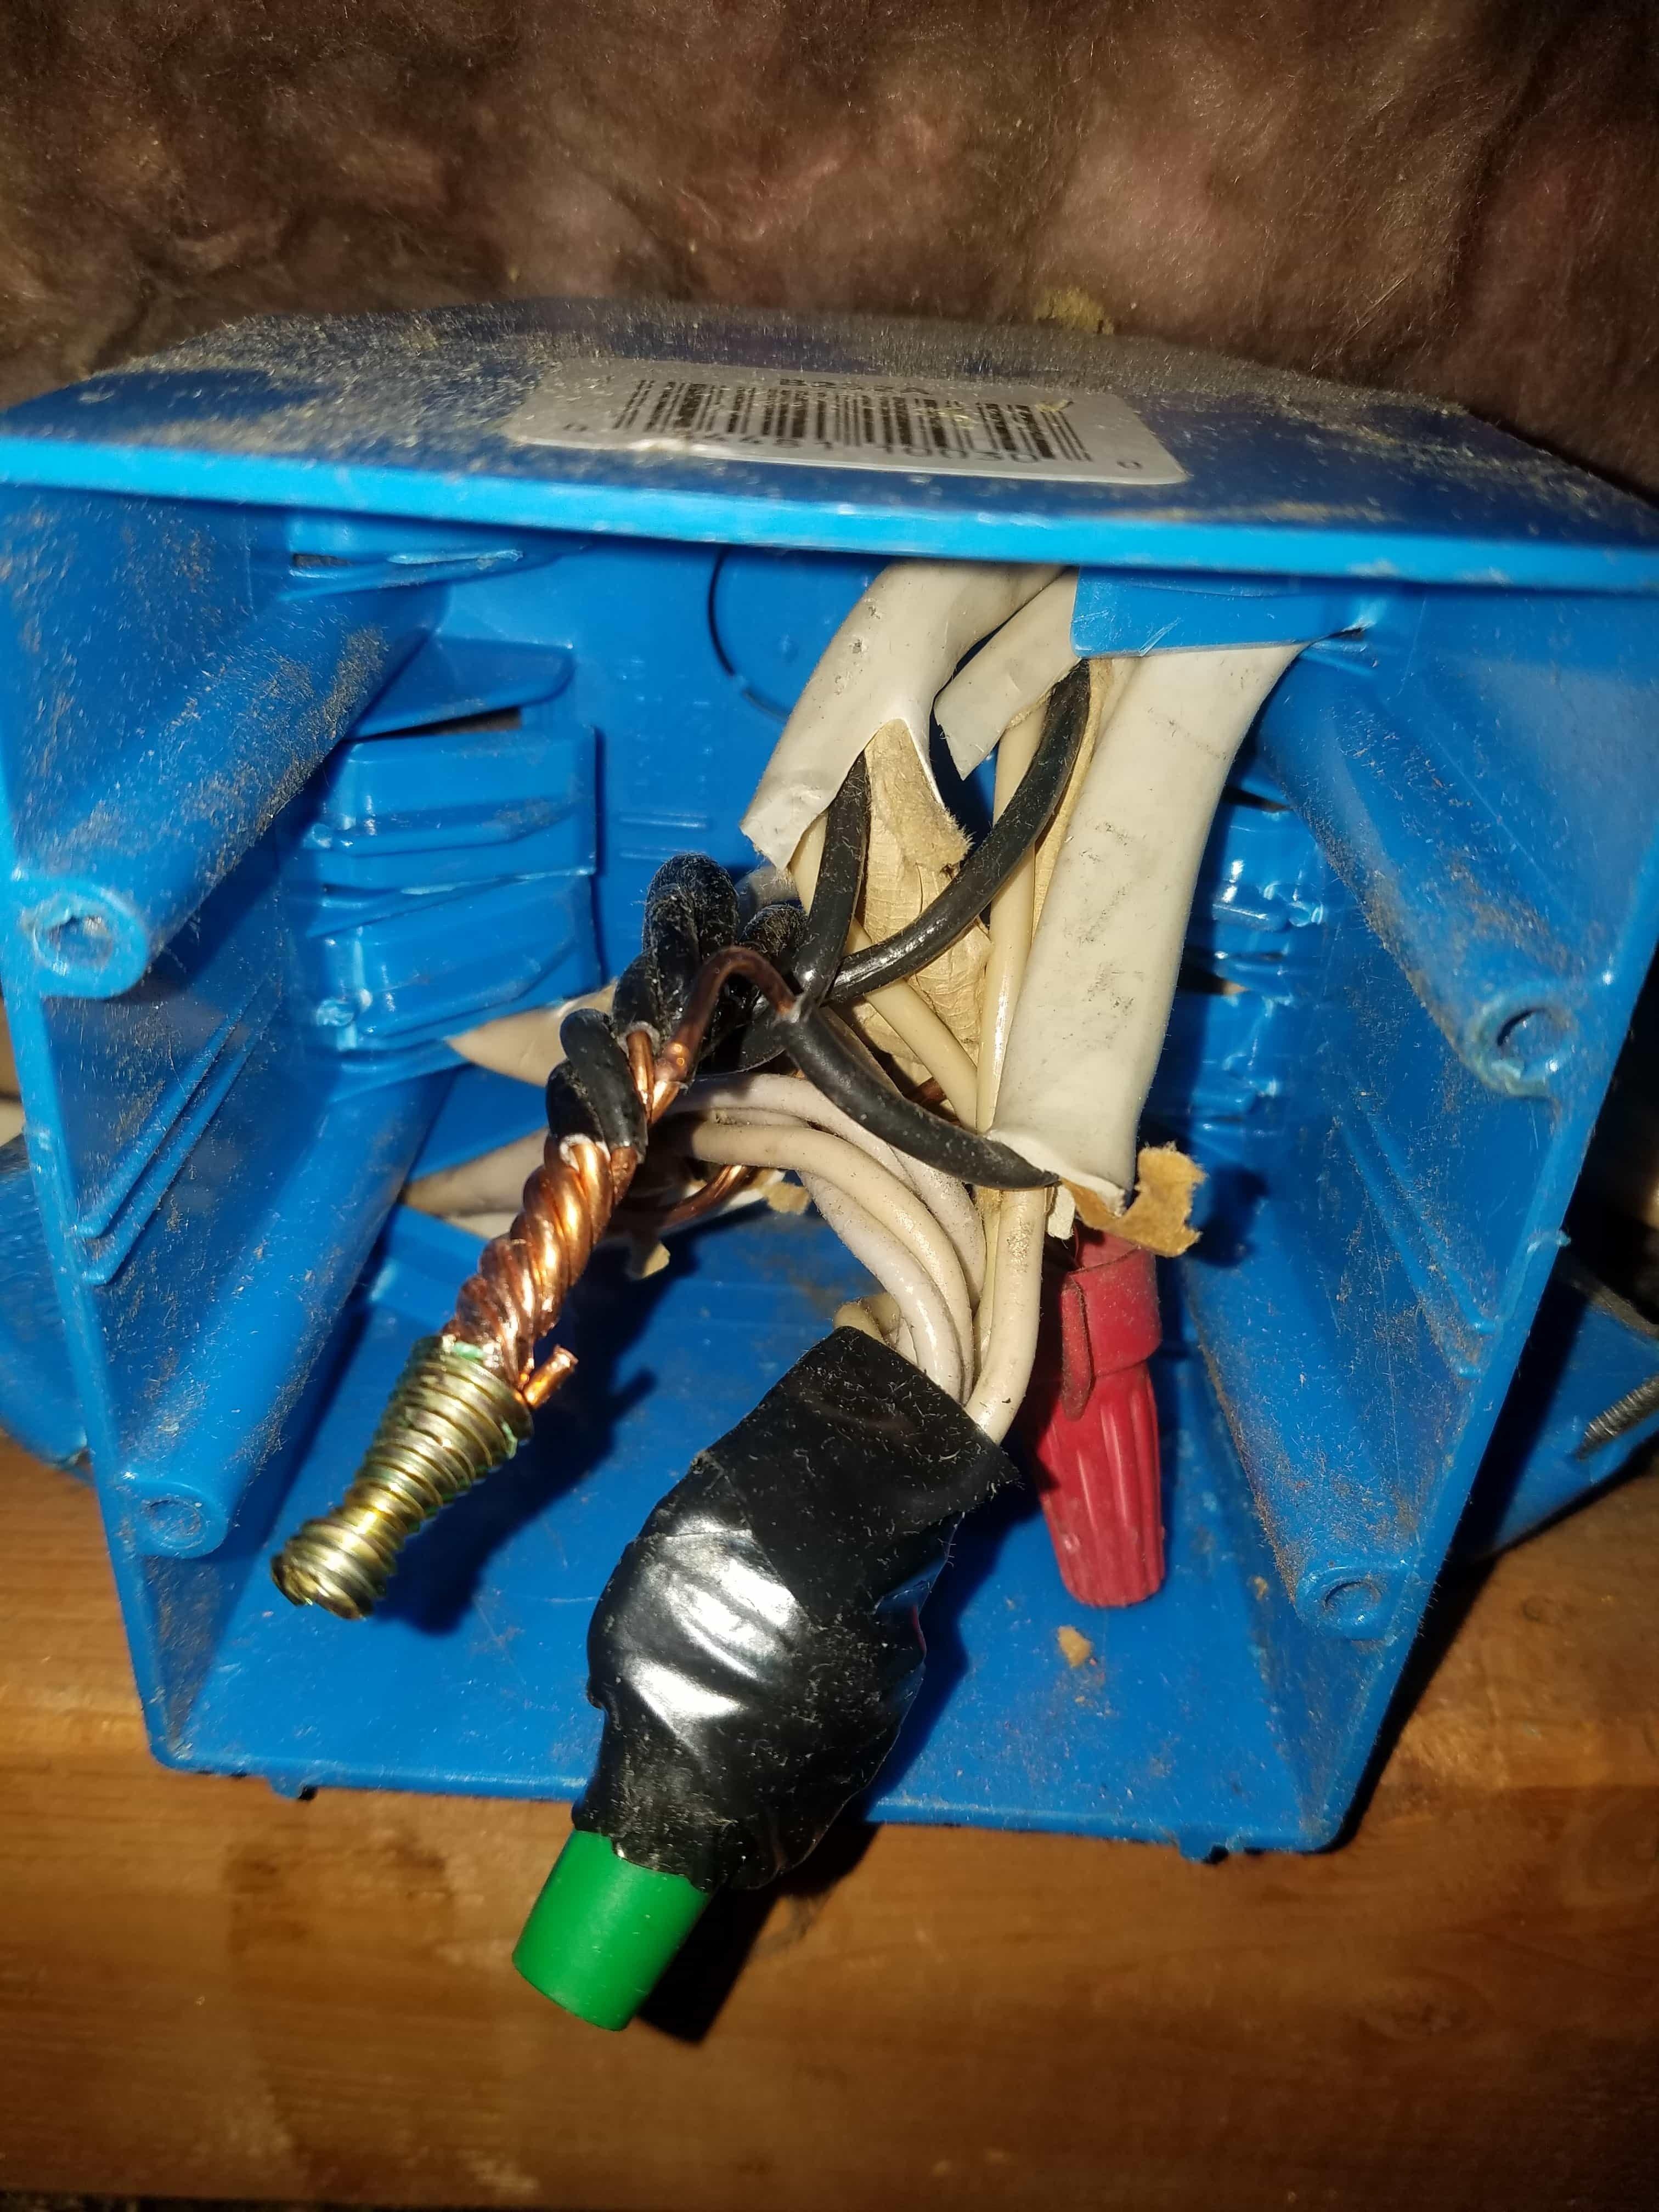 Damaged Electrical Wiring